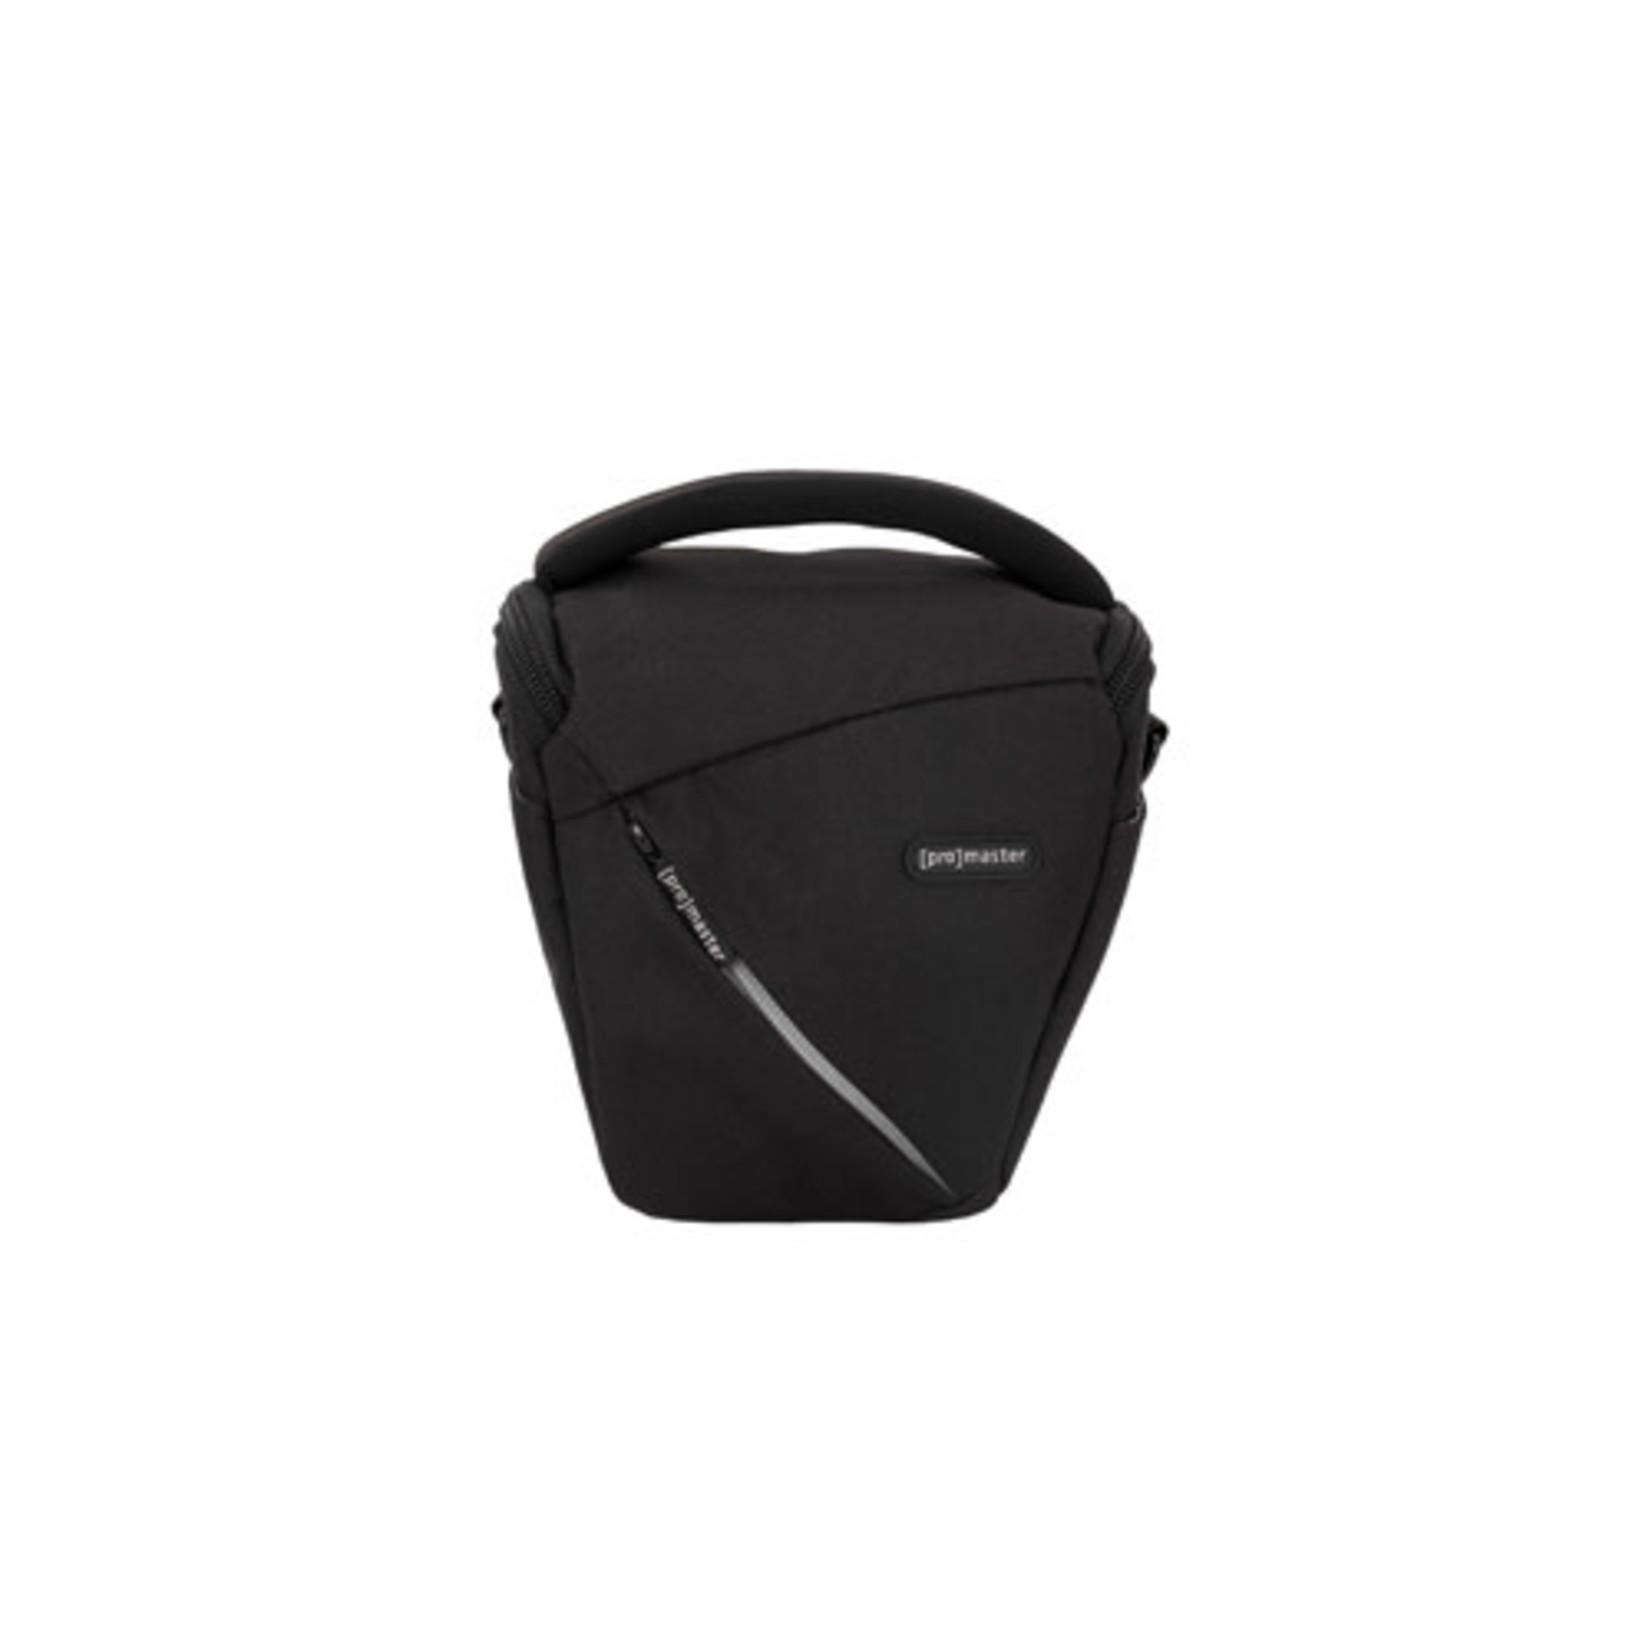 ProMaster Impulse Medium Holster Bag - Black